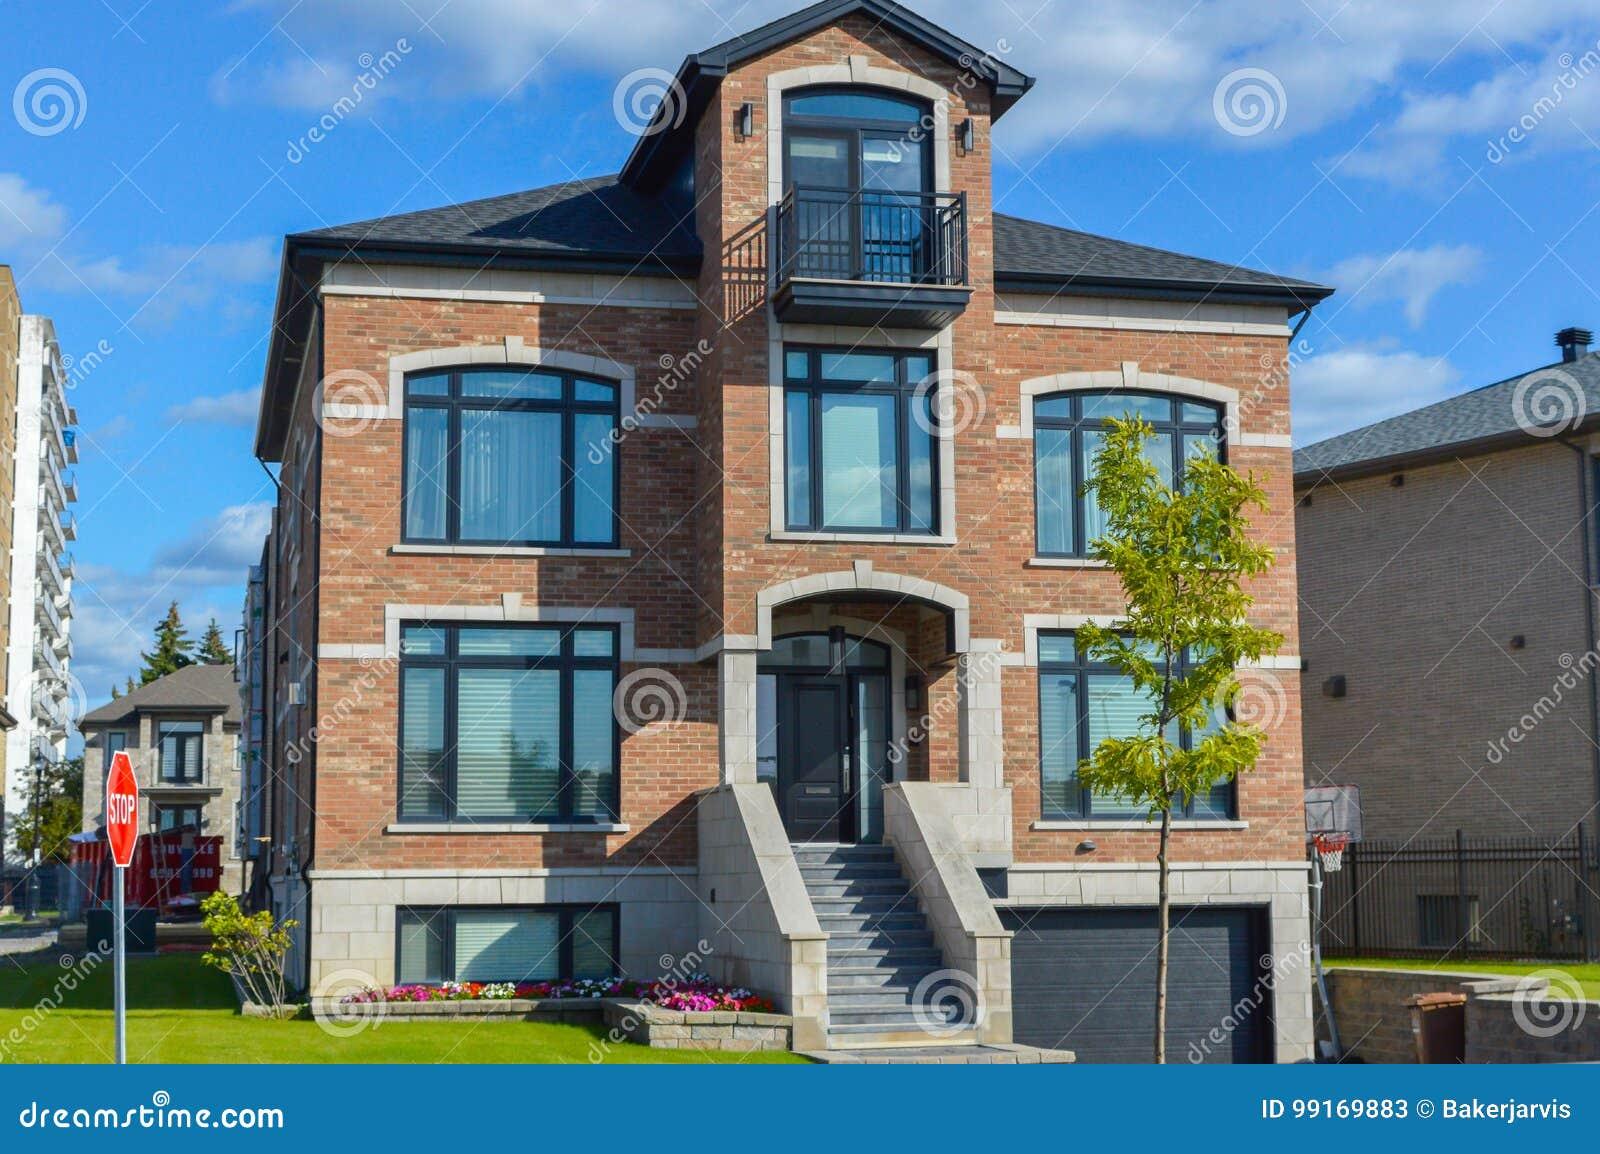 Maison Moderne Chère Avec Les Fenêtres énormes à Montréal, Canada